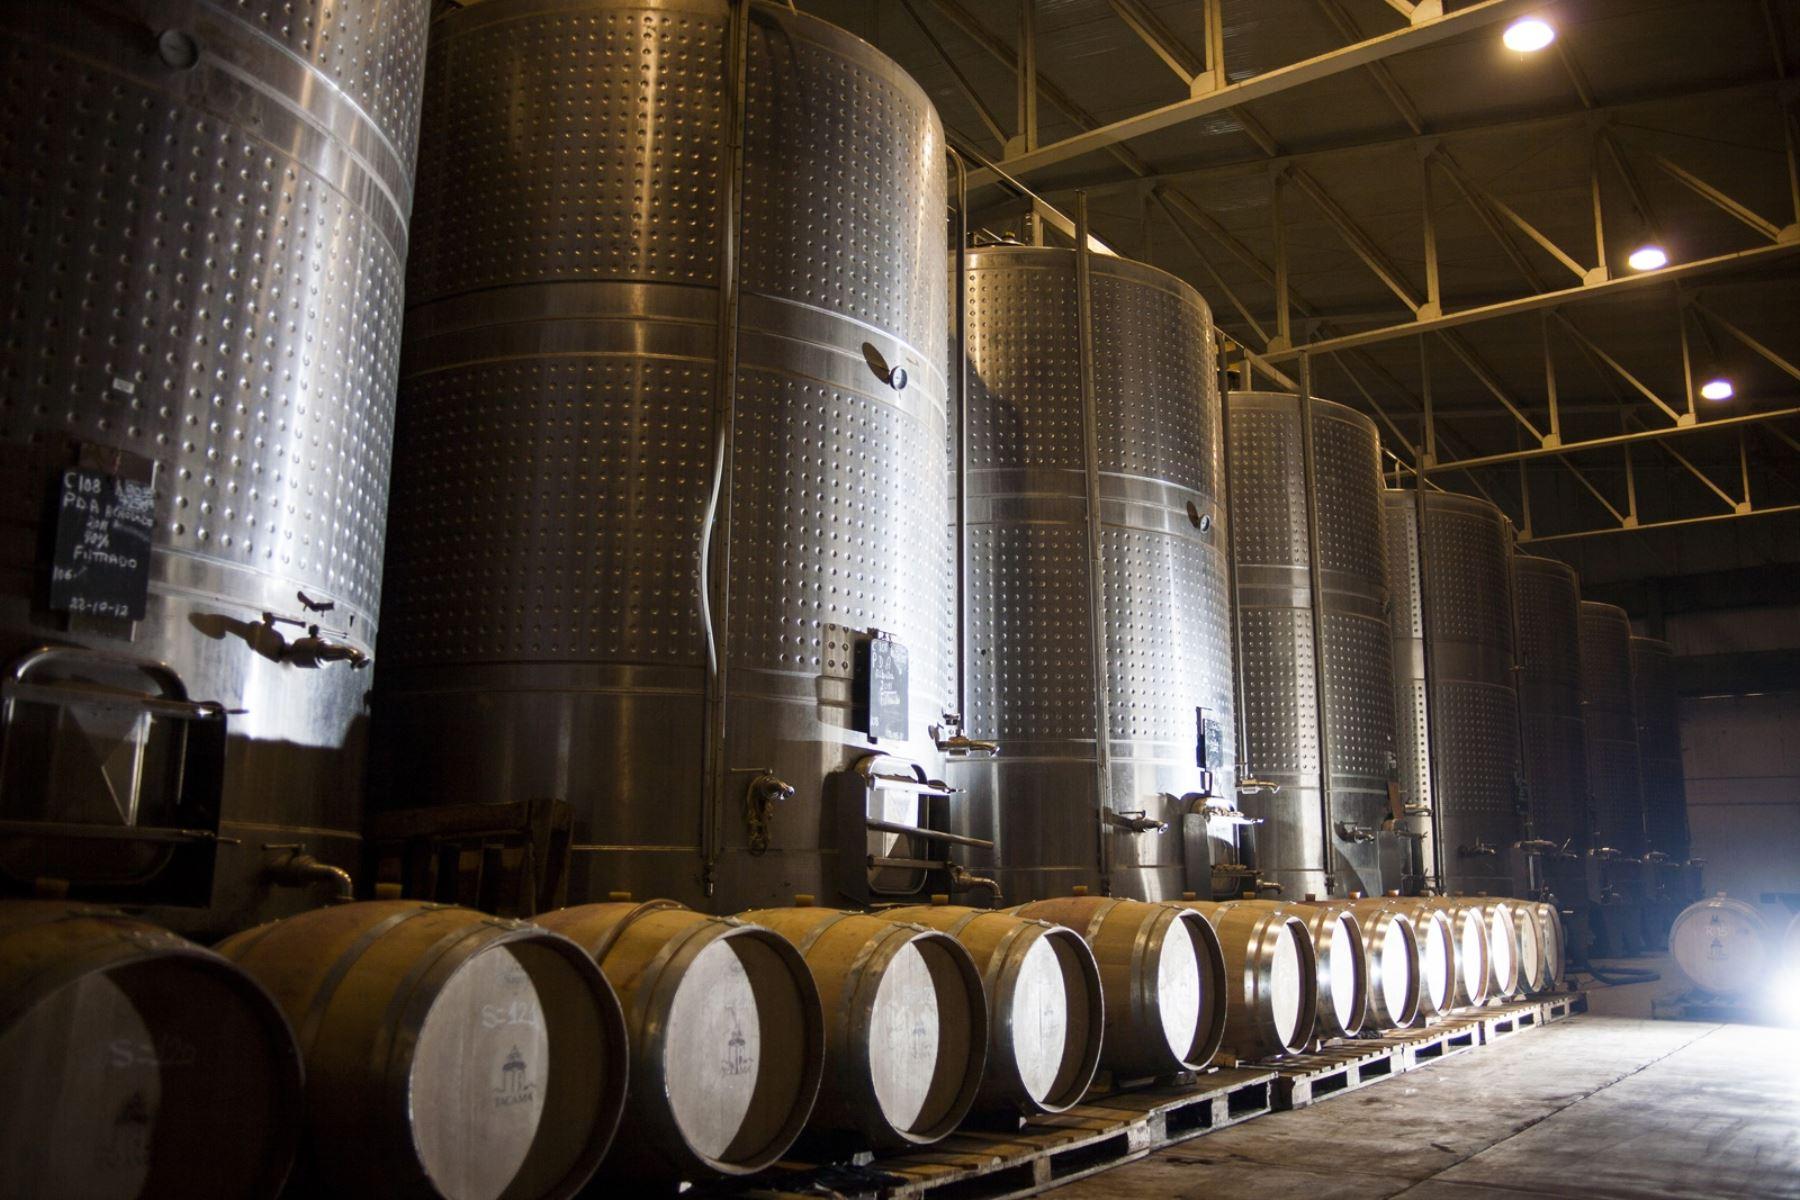 Uno de estos viñedos es la bodega Tacama que destaca por su hermoso fundo y casona llena de historia y tradición. Sus anfitriones ofrecen una visita guiada donde conocerá el proceso de elaboración del pisco y el vino. Foto; Promperú/Daniel Silva